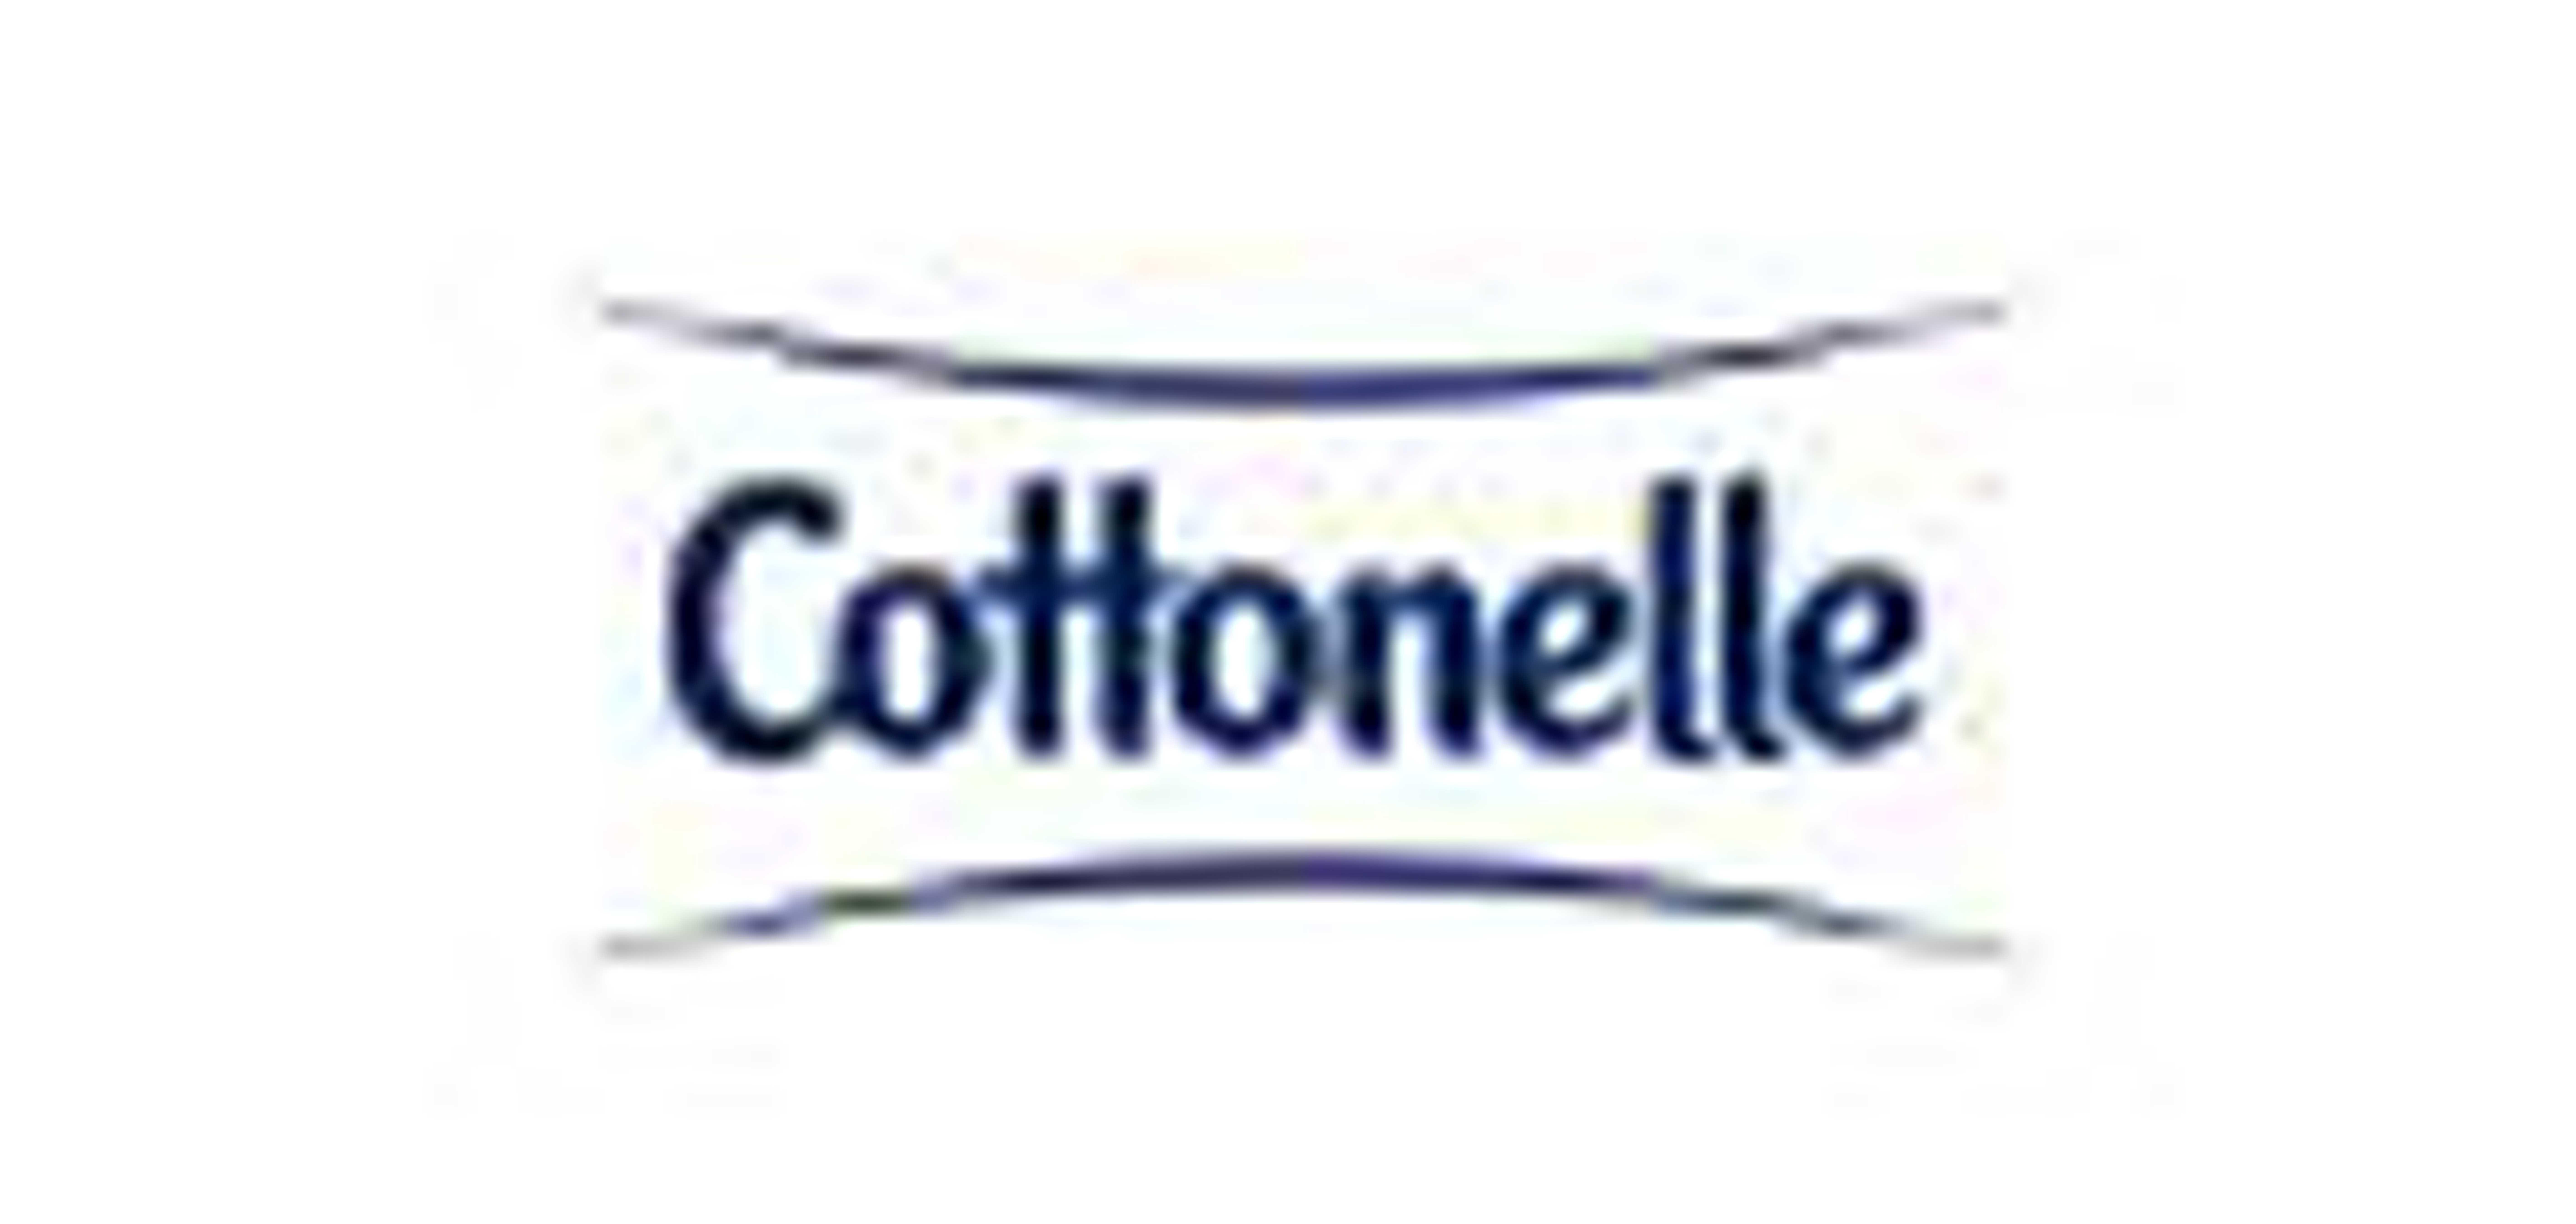 Cottonelle是什么牌子_Cottonelle品牌怎么样?